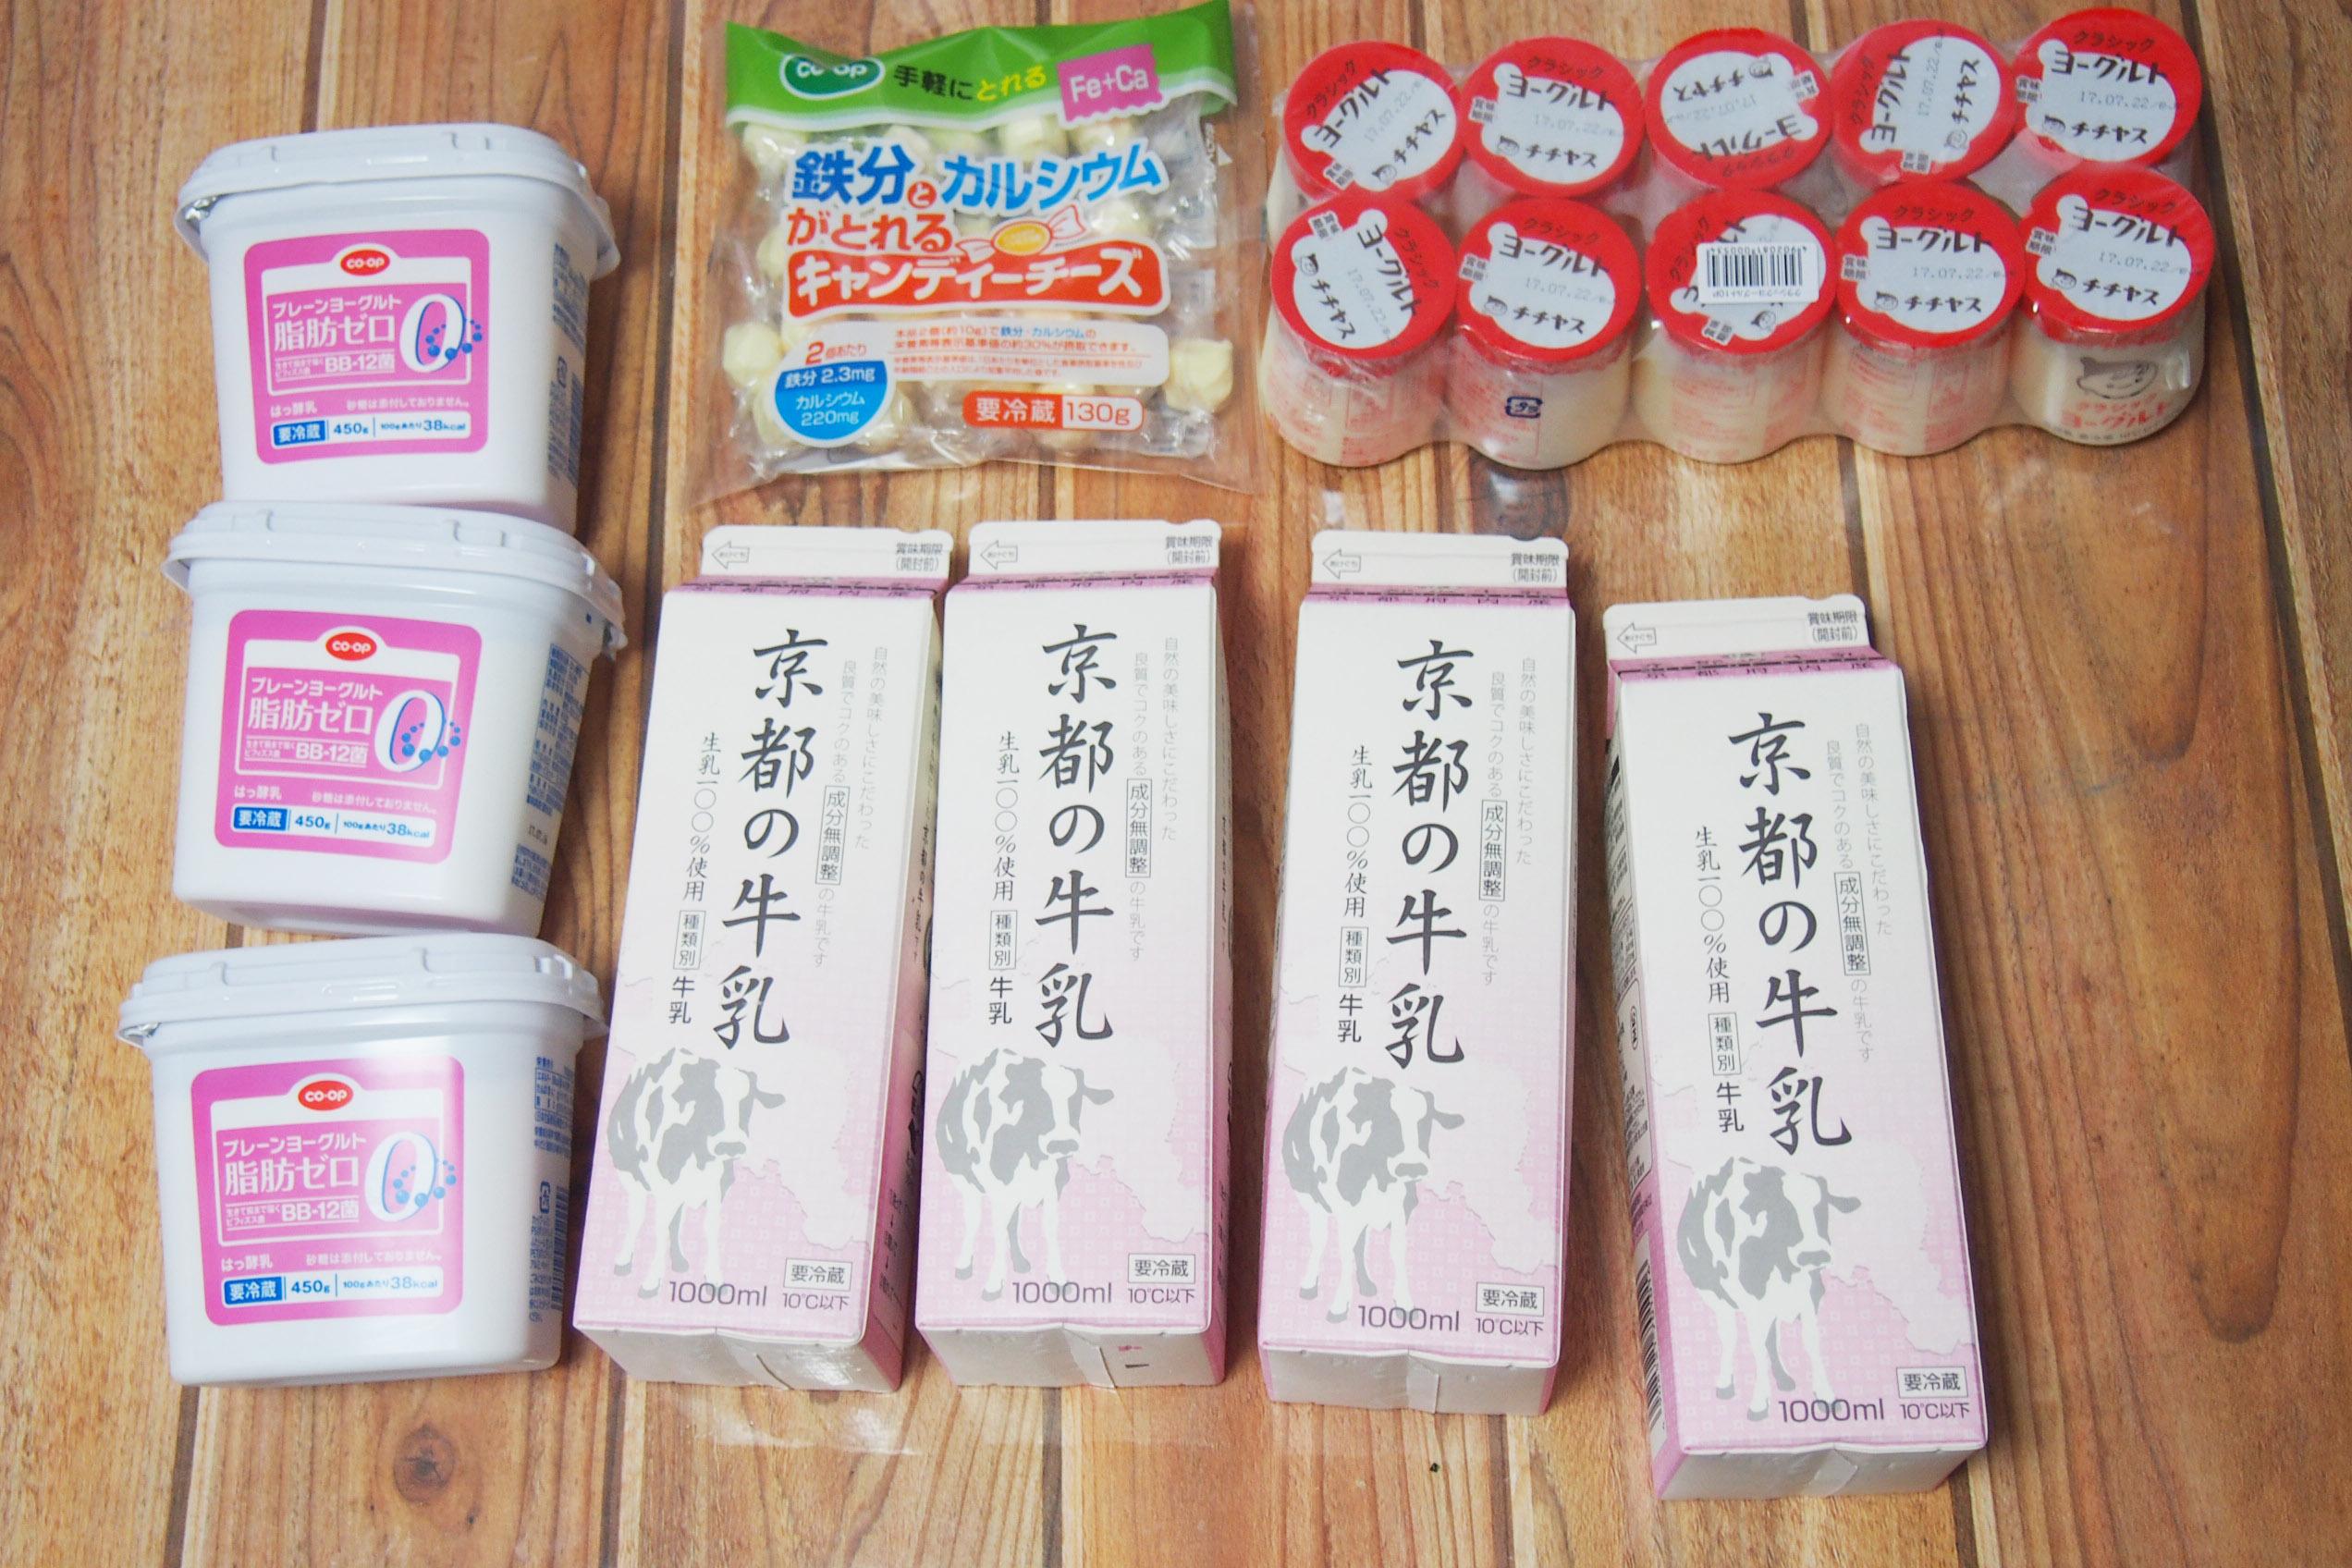 京都生協7/5到着分 乳製品